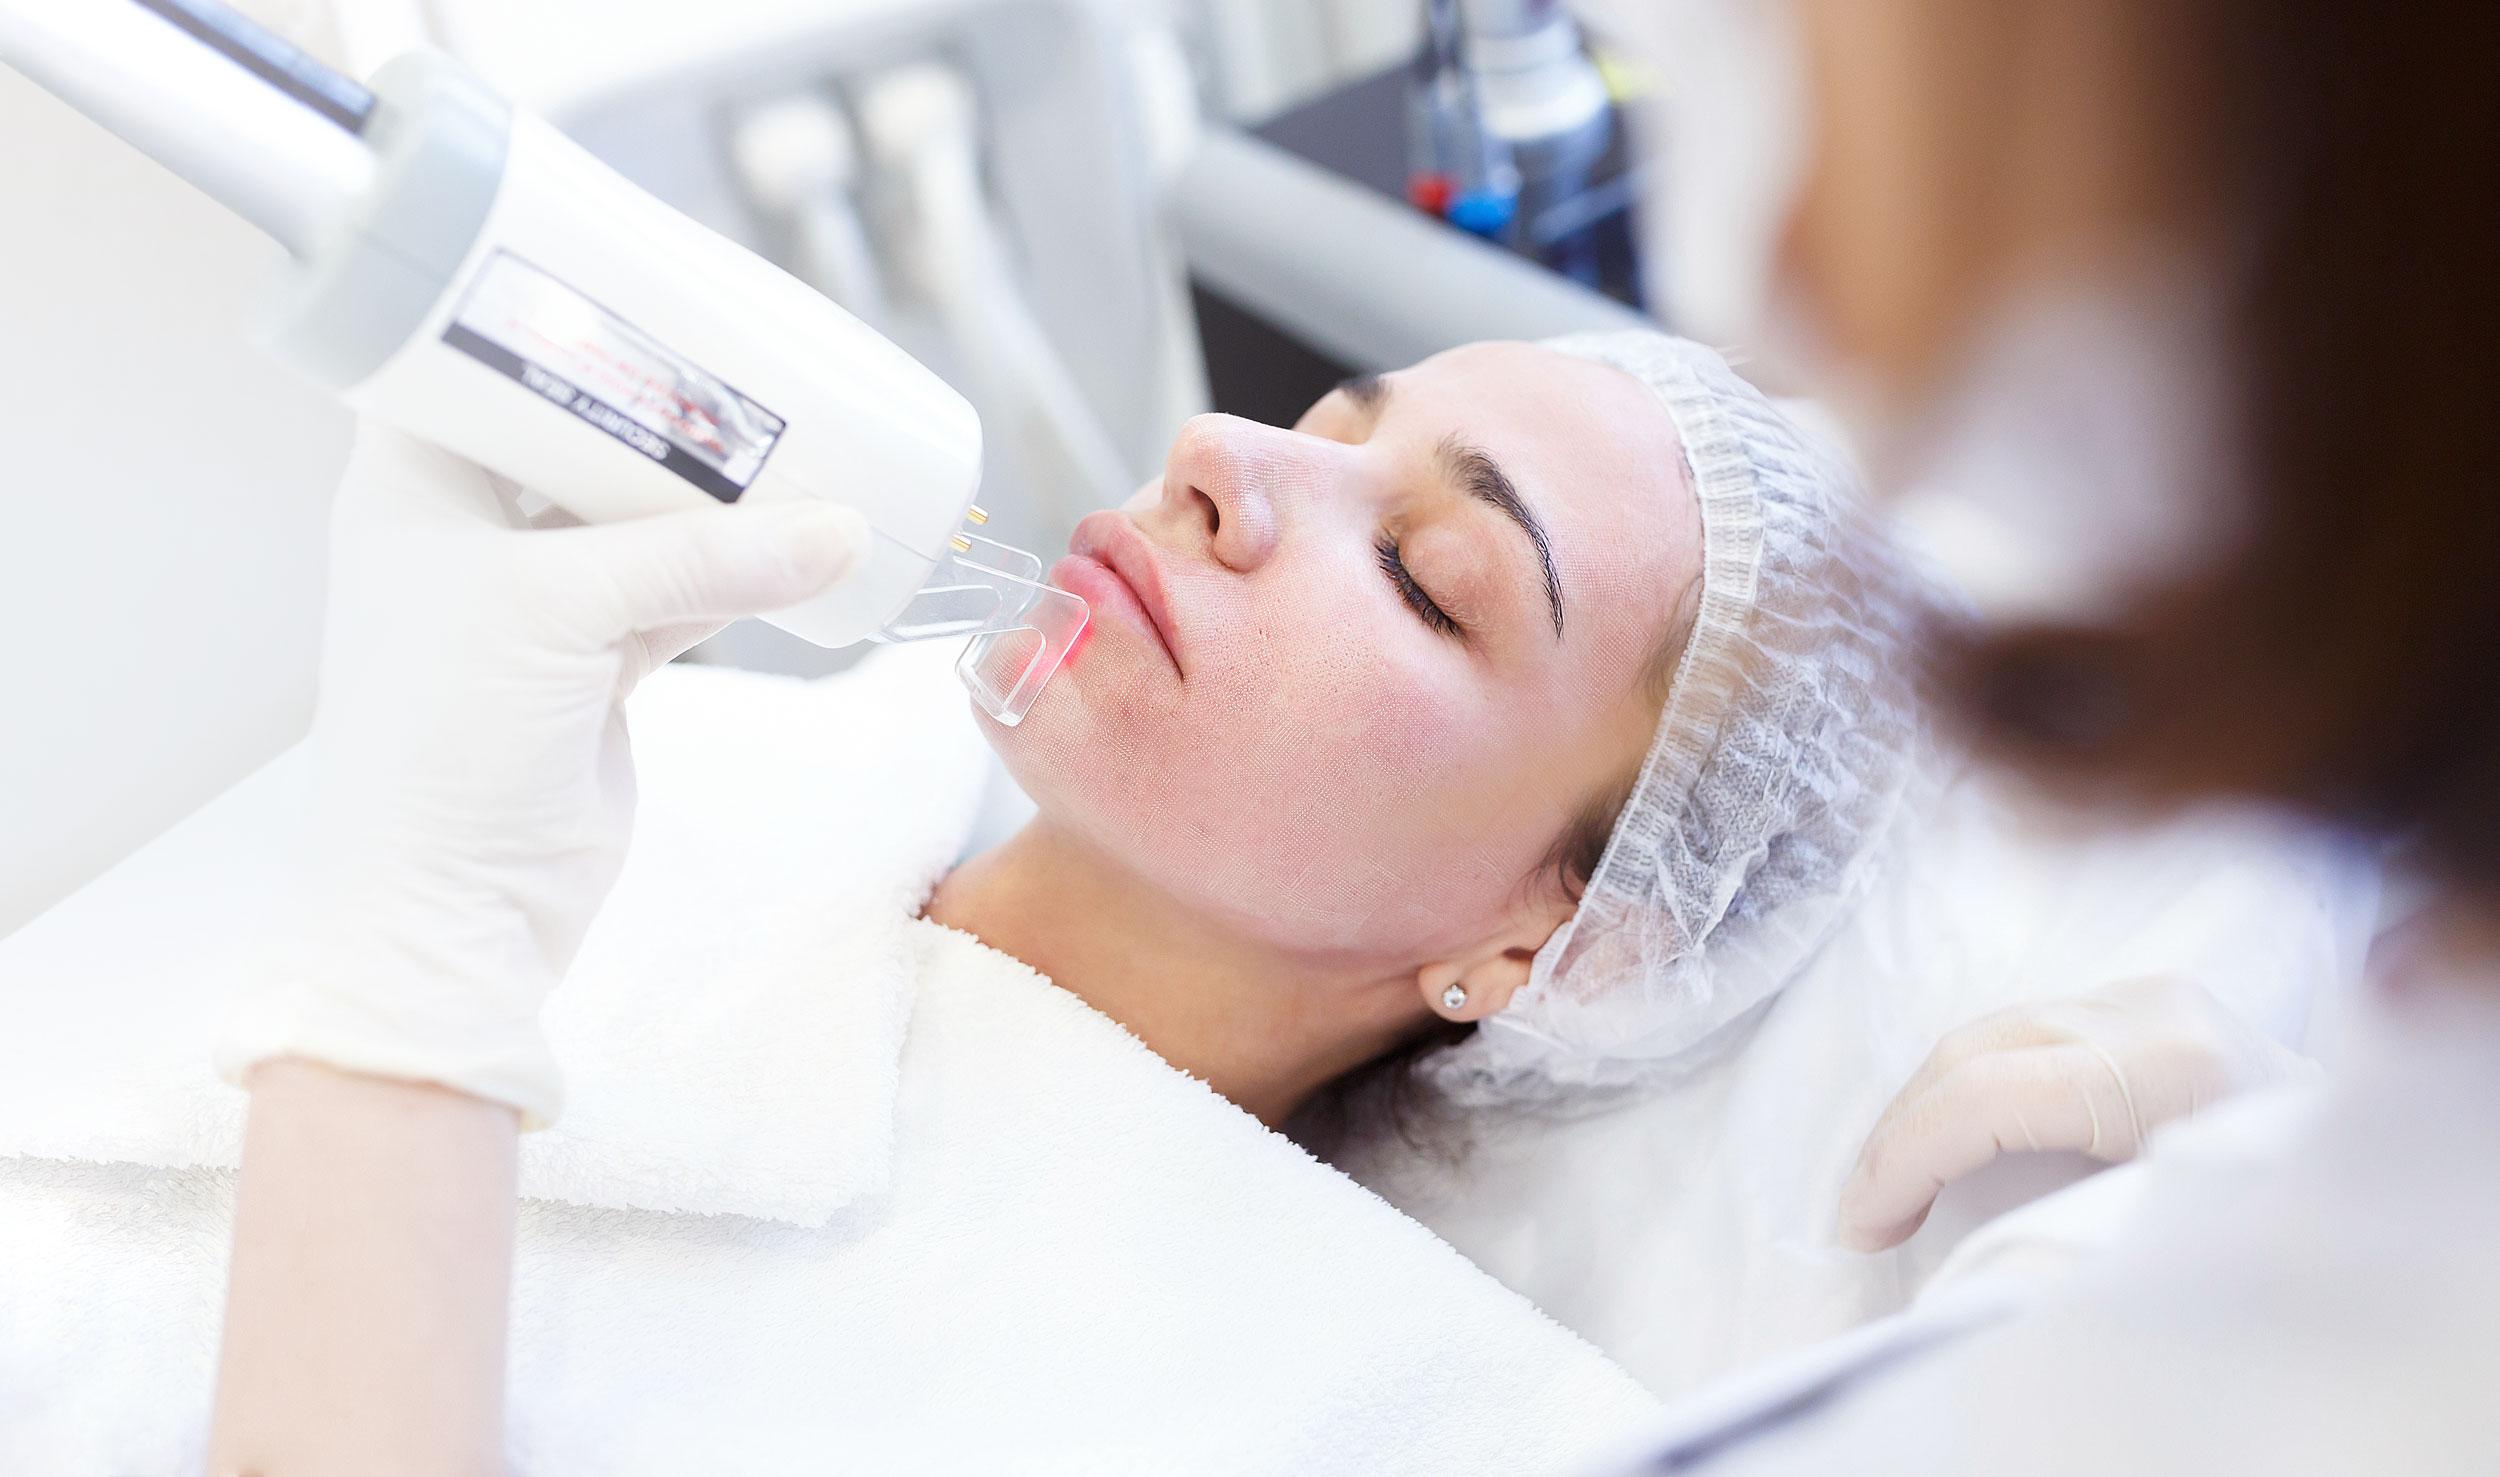 ansiktsbehandling med laserpeeling